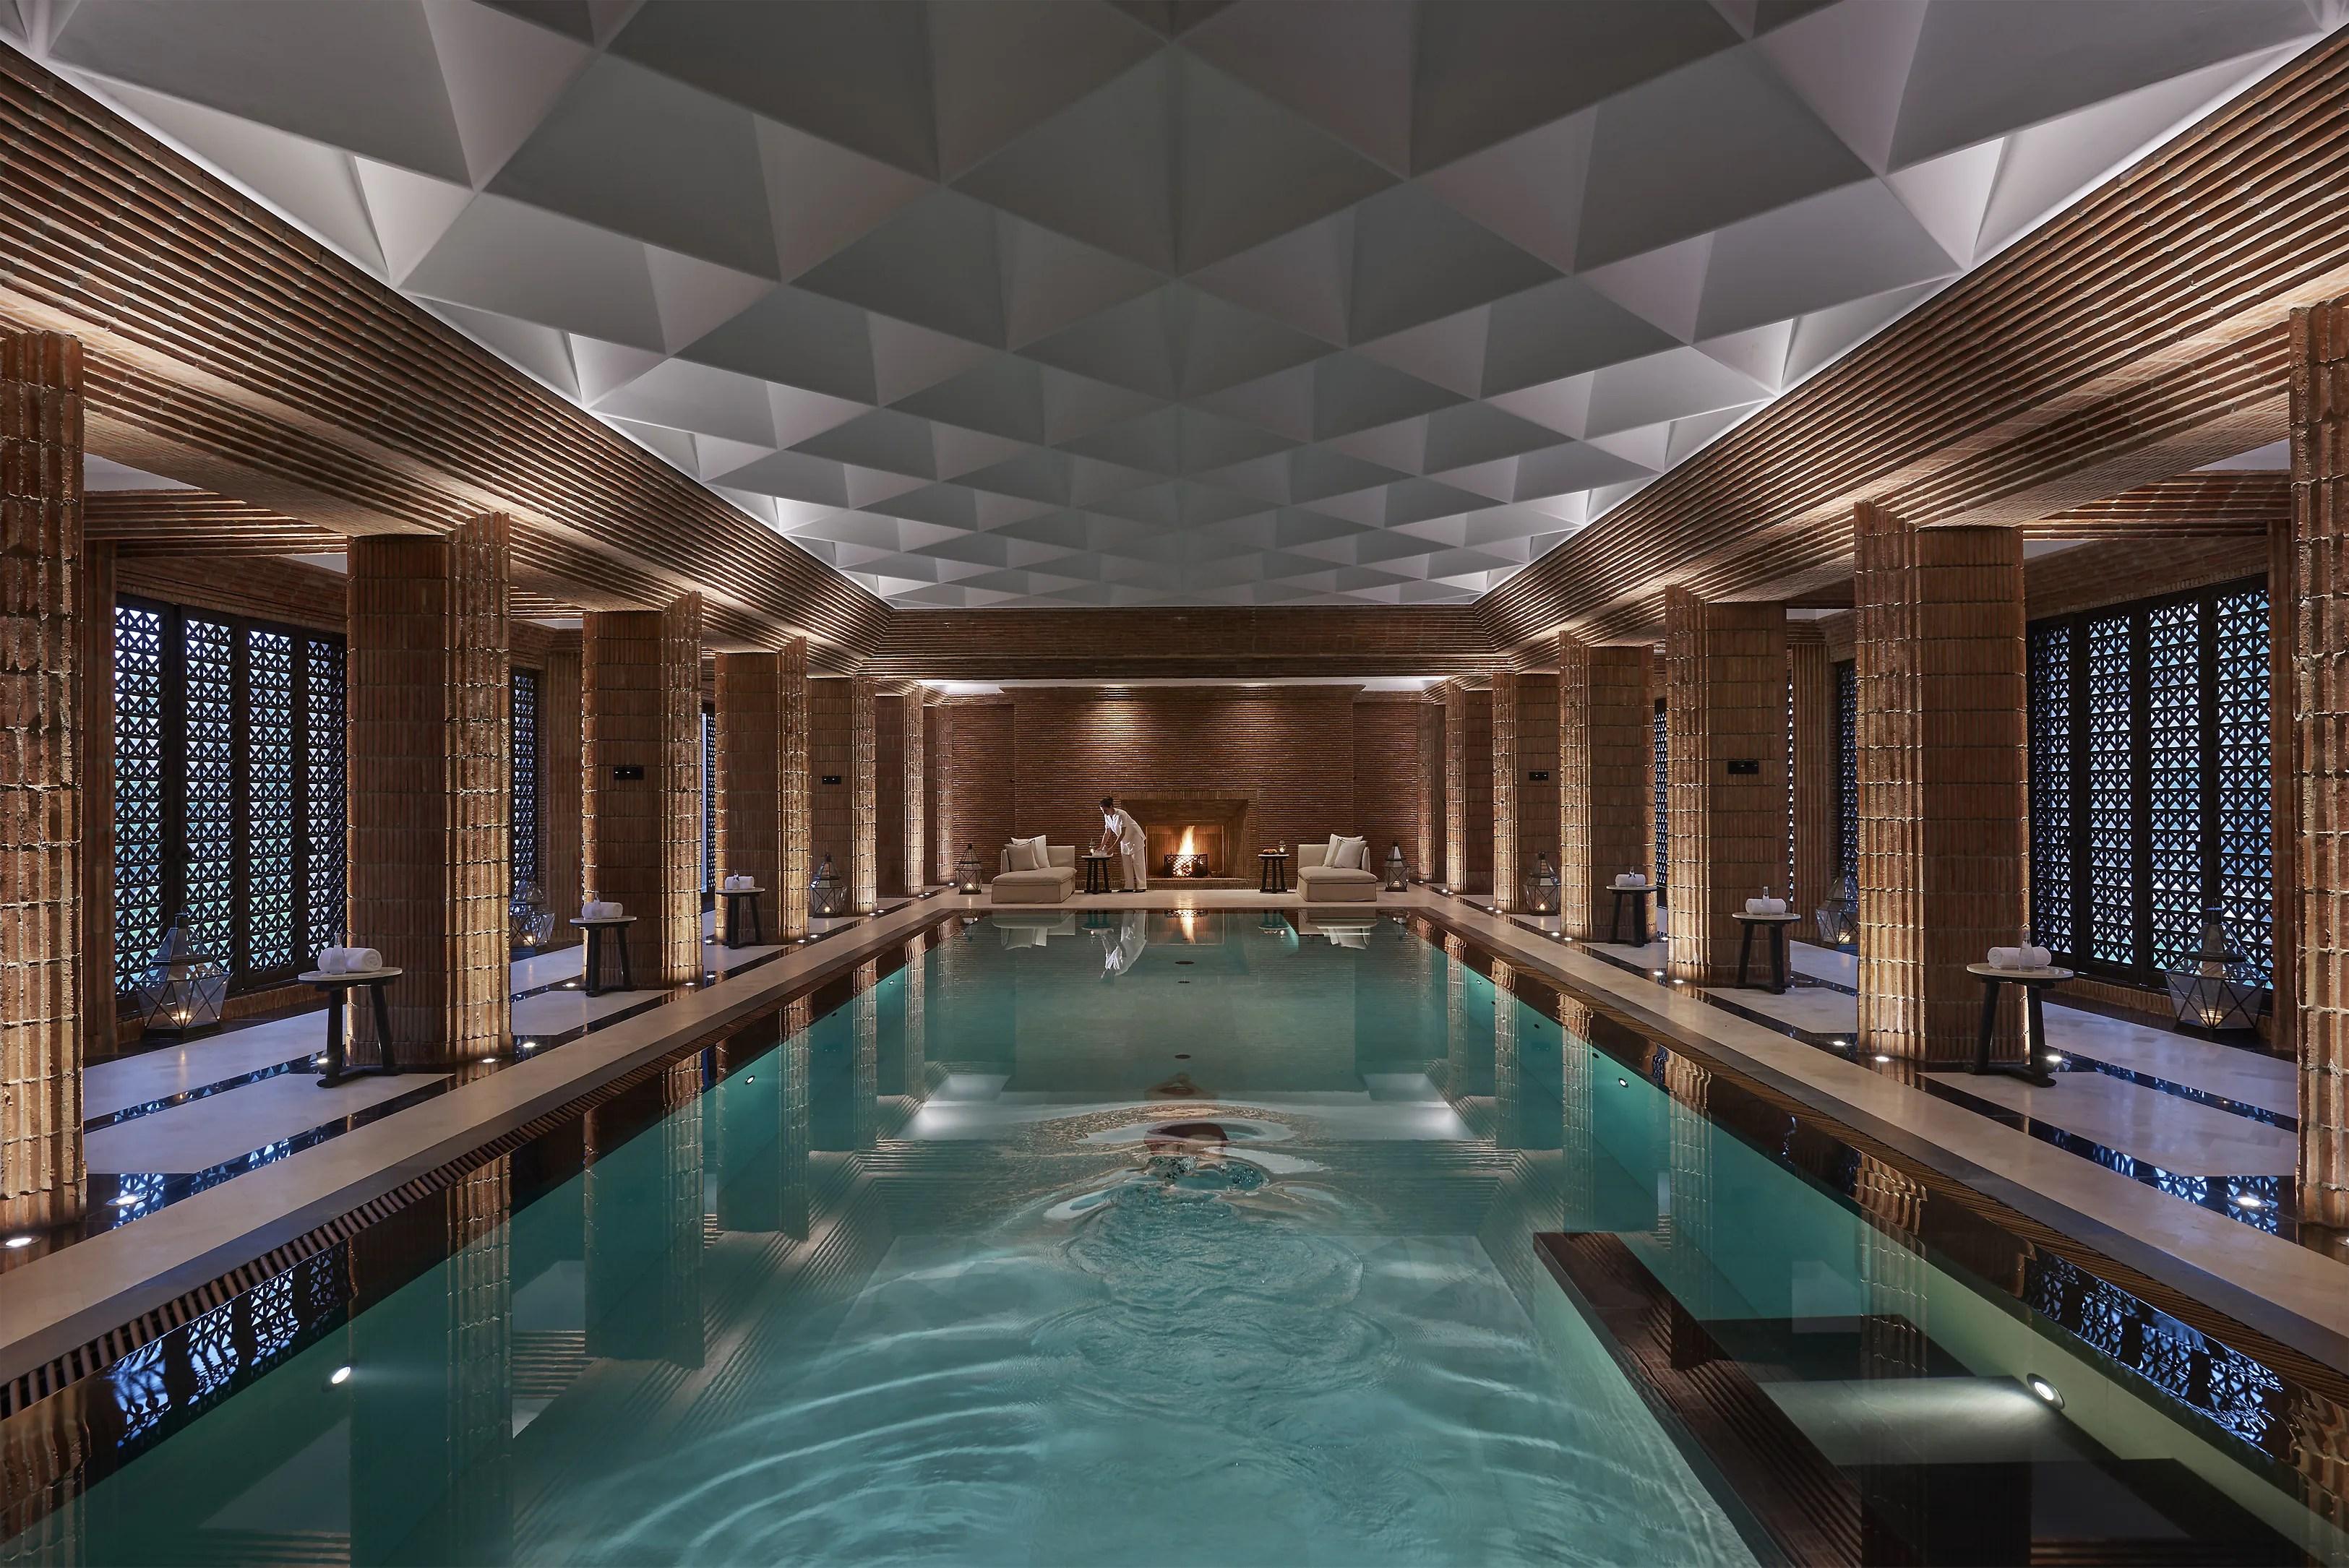 Best Spas in New York Dubai Bali Europe Photos  Architectural Digest